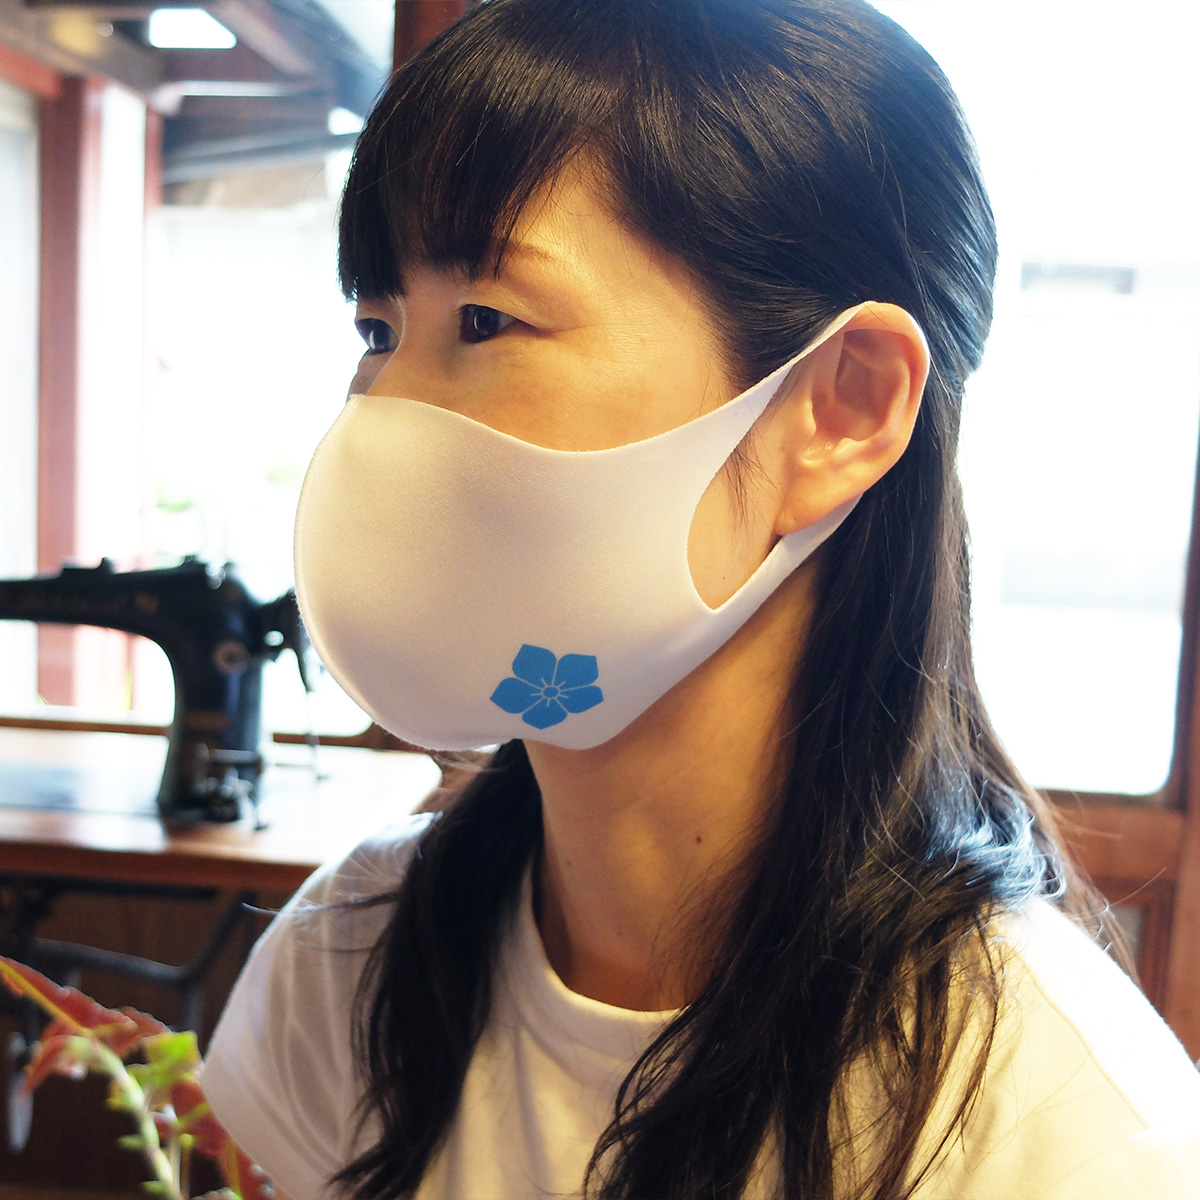 桔梗紋アイスシルクマスク着用